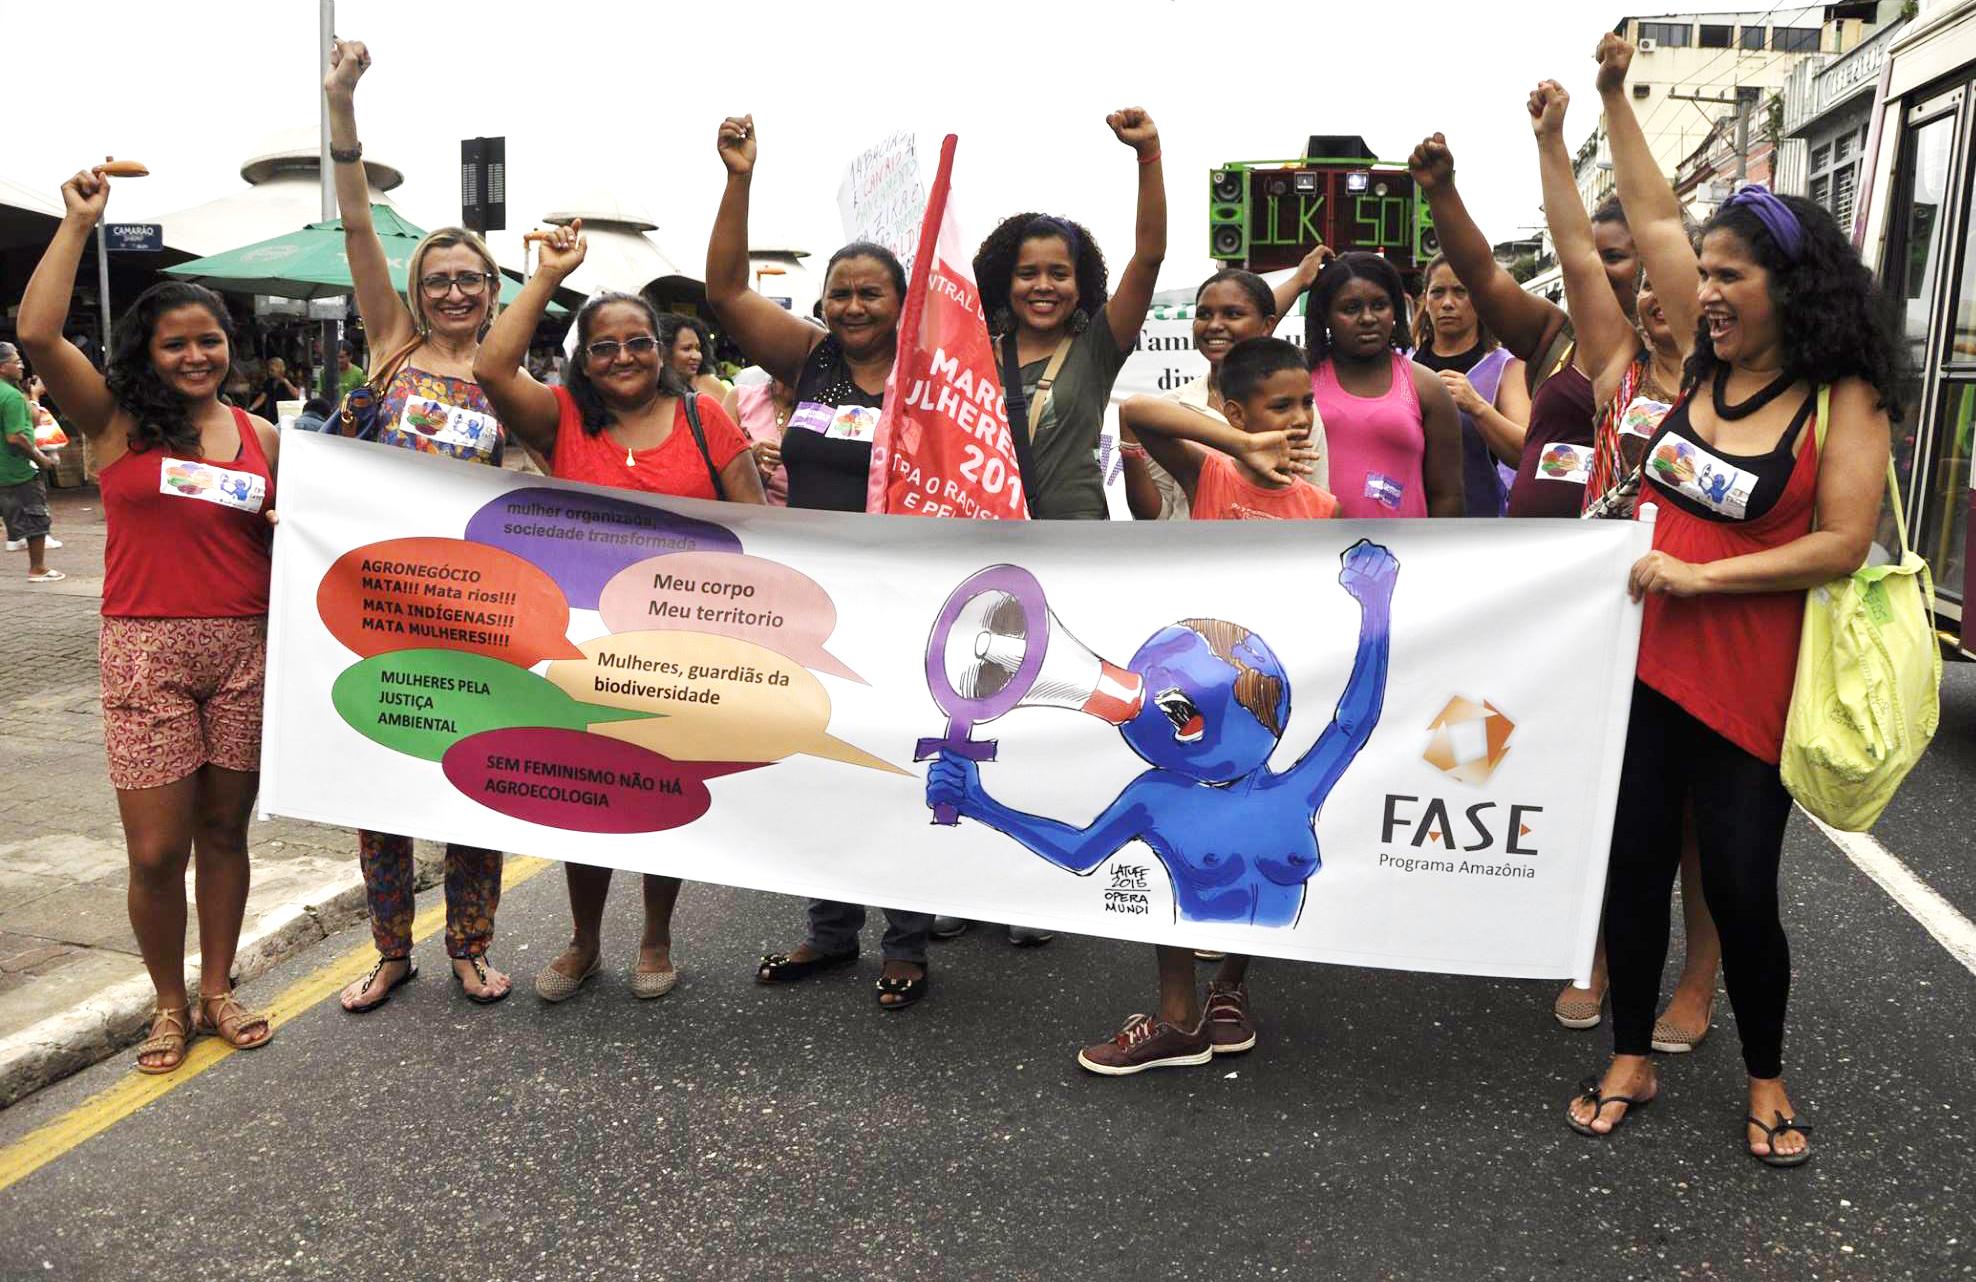 Em Belém, mulherem marcham contra o todas as formas de opressão. (Foto: Élida Galvão / Fundo Dema)